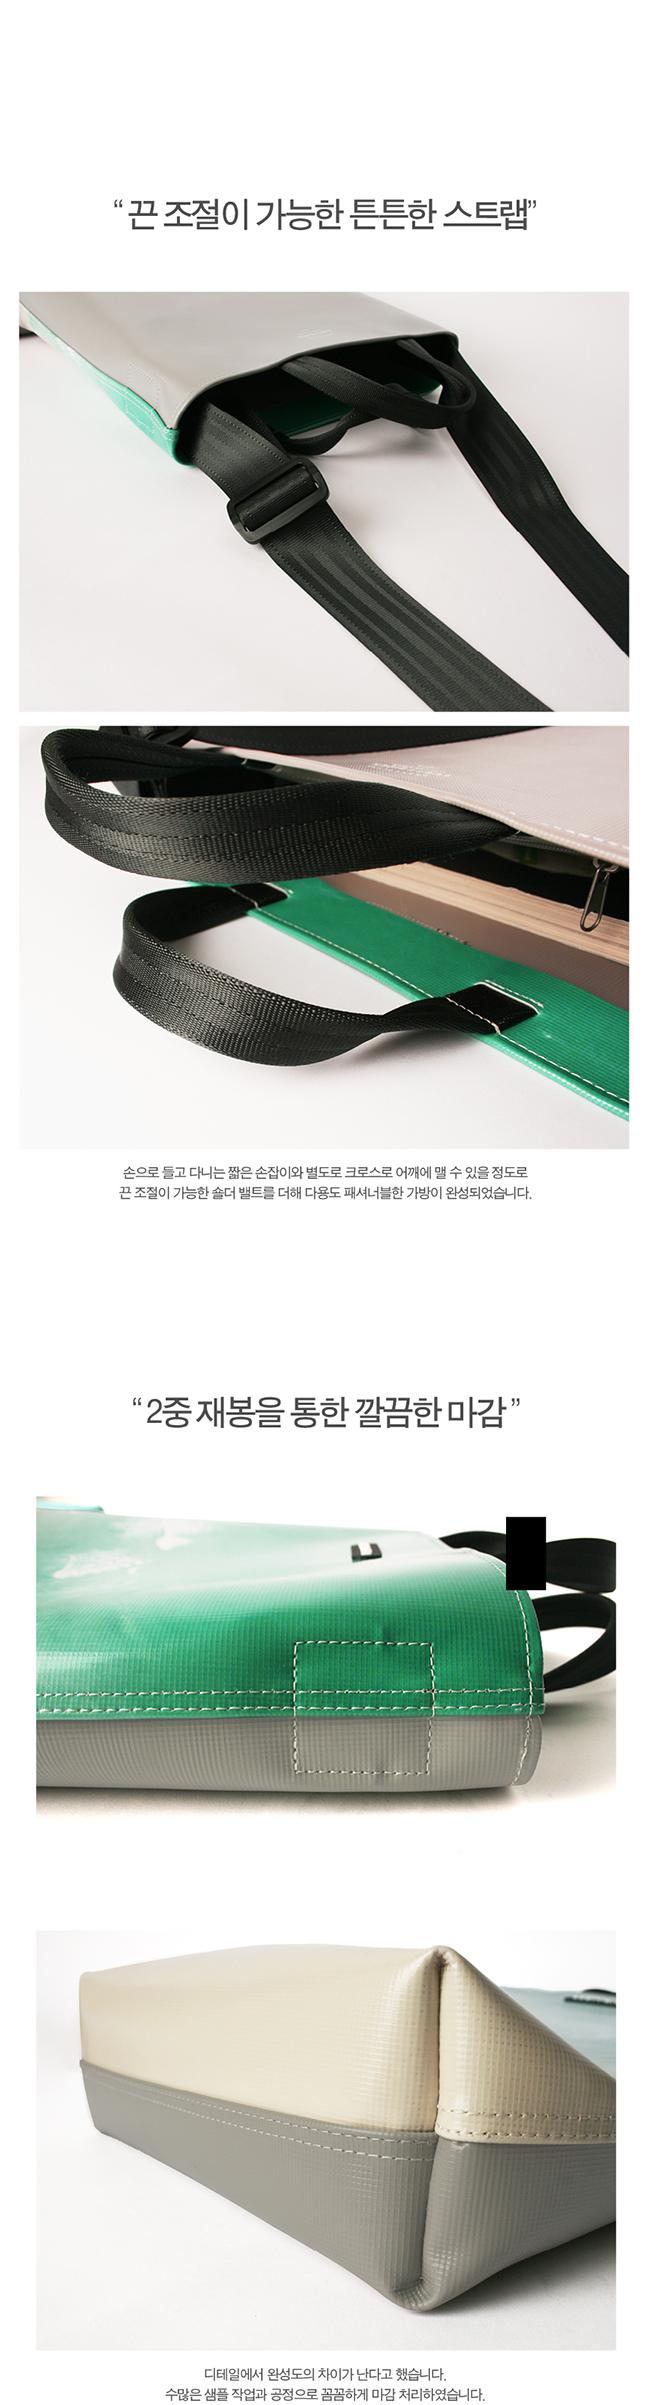 네이처 토트백 - 루엣비든, 69,000원, 토트백, 인조가죽토트백